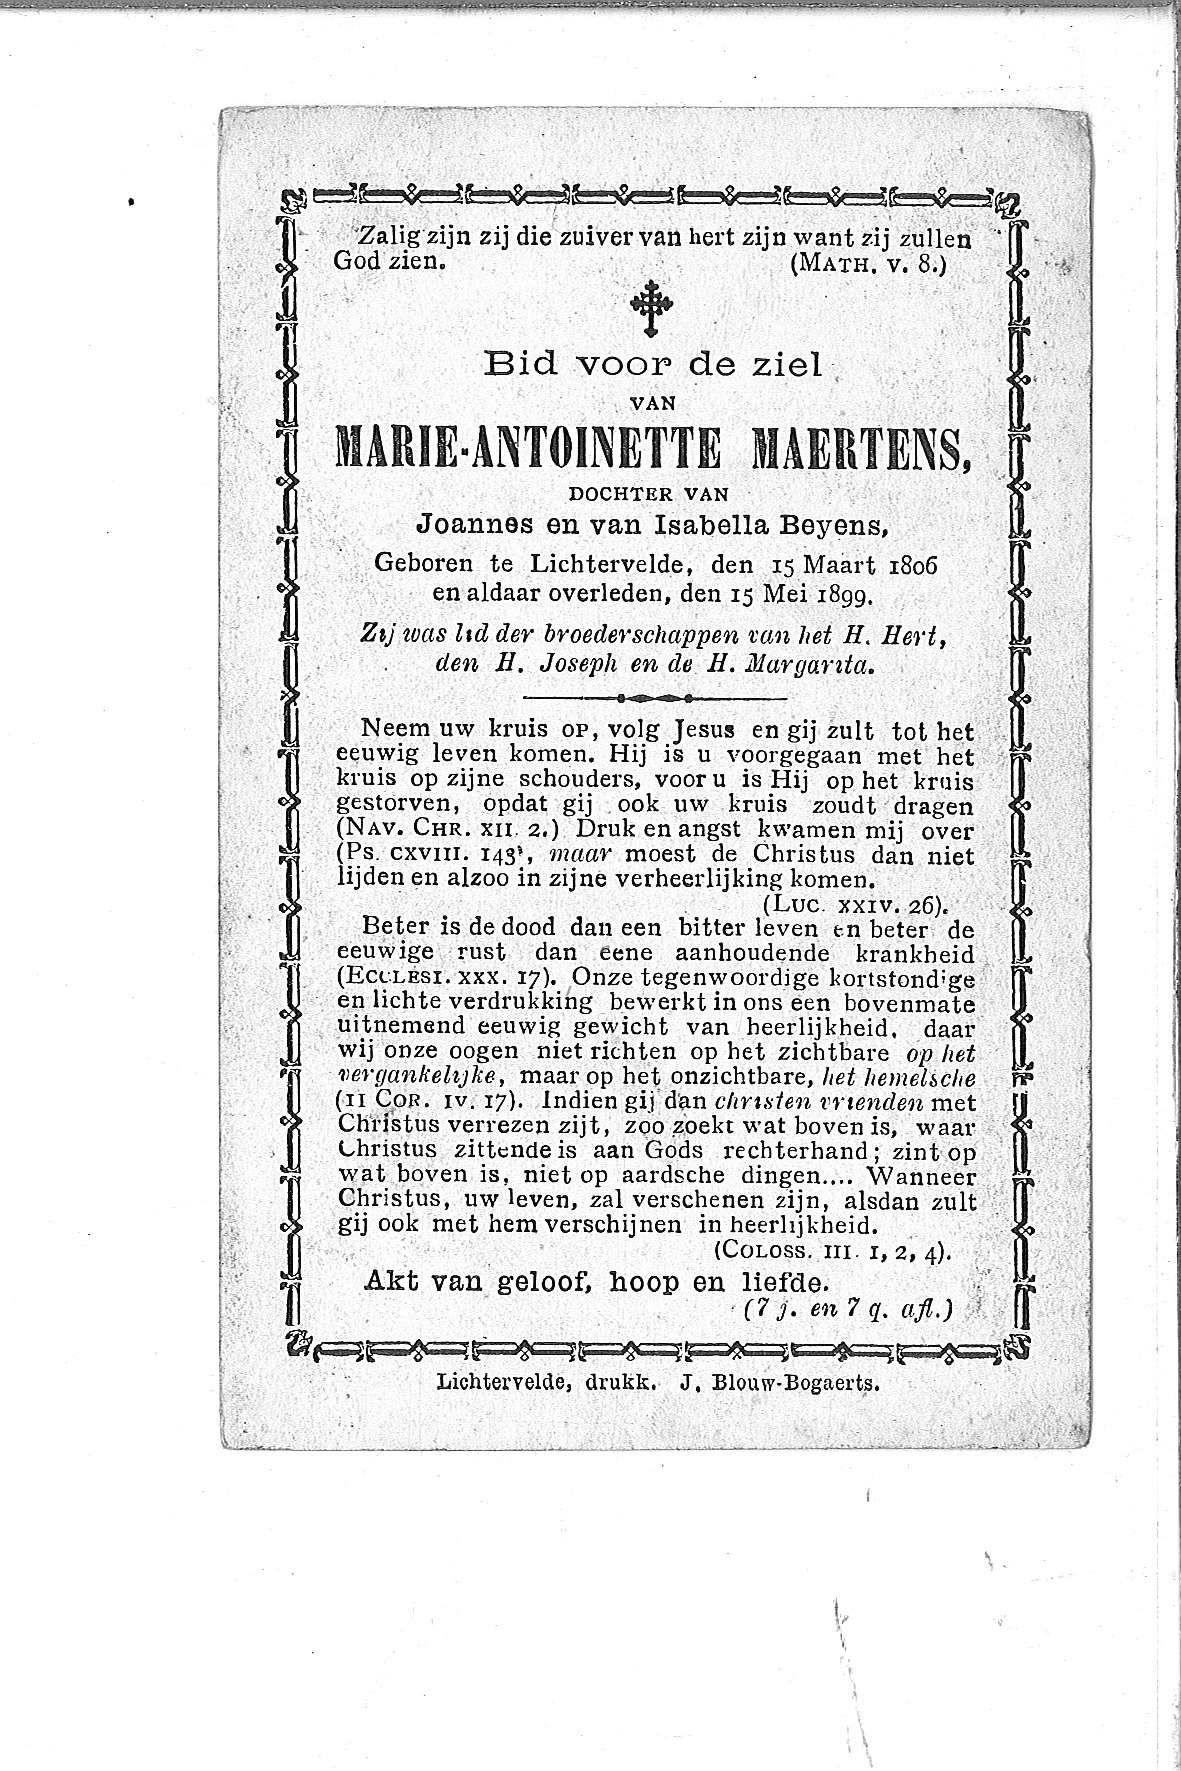 Marie-Antoinette(1899)20131203091404_00036.jpg